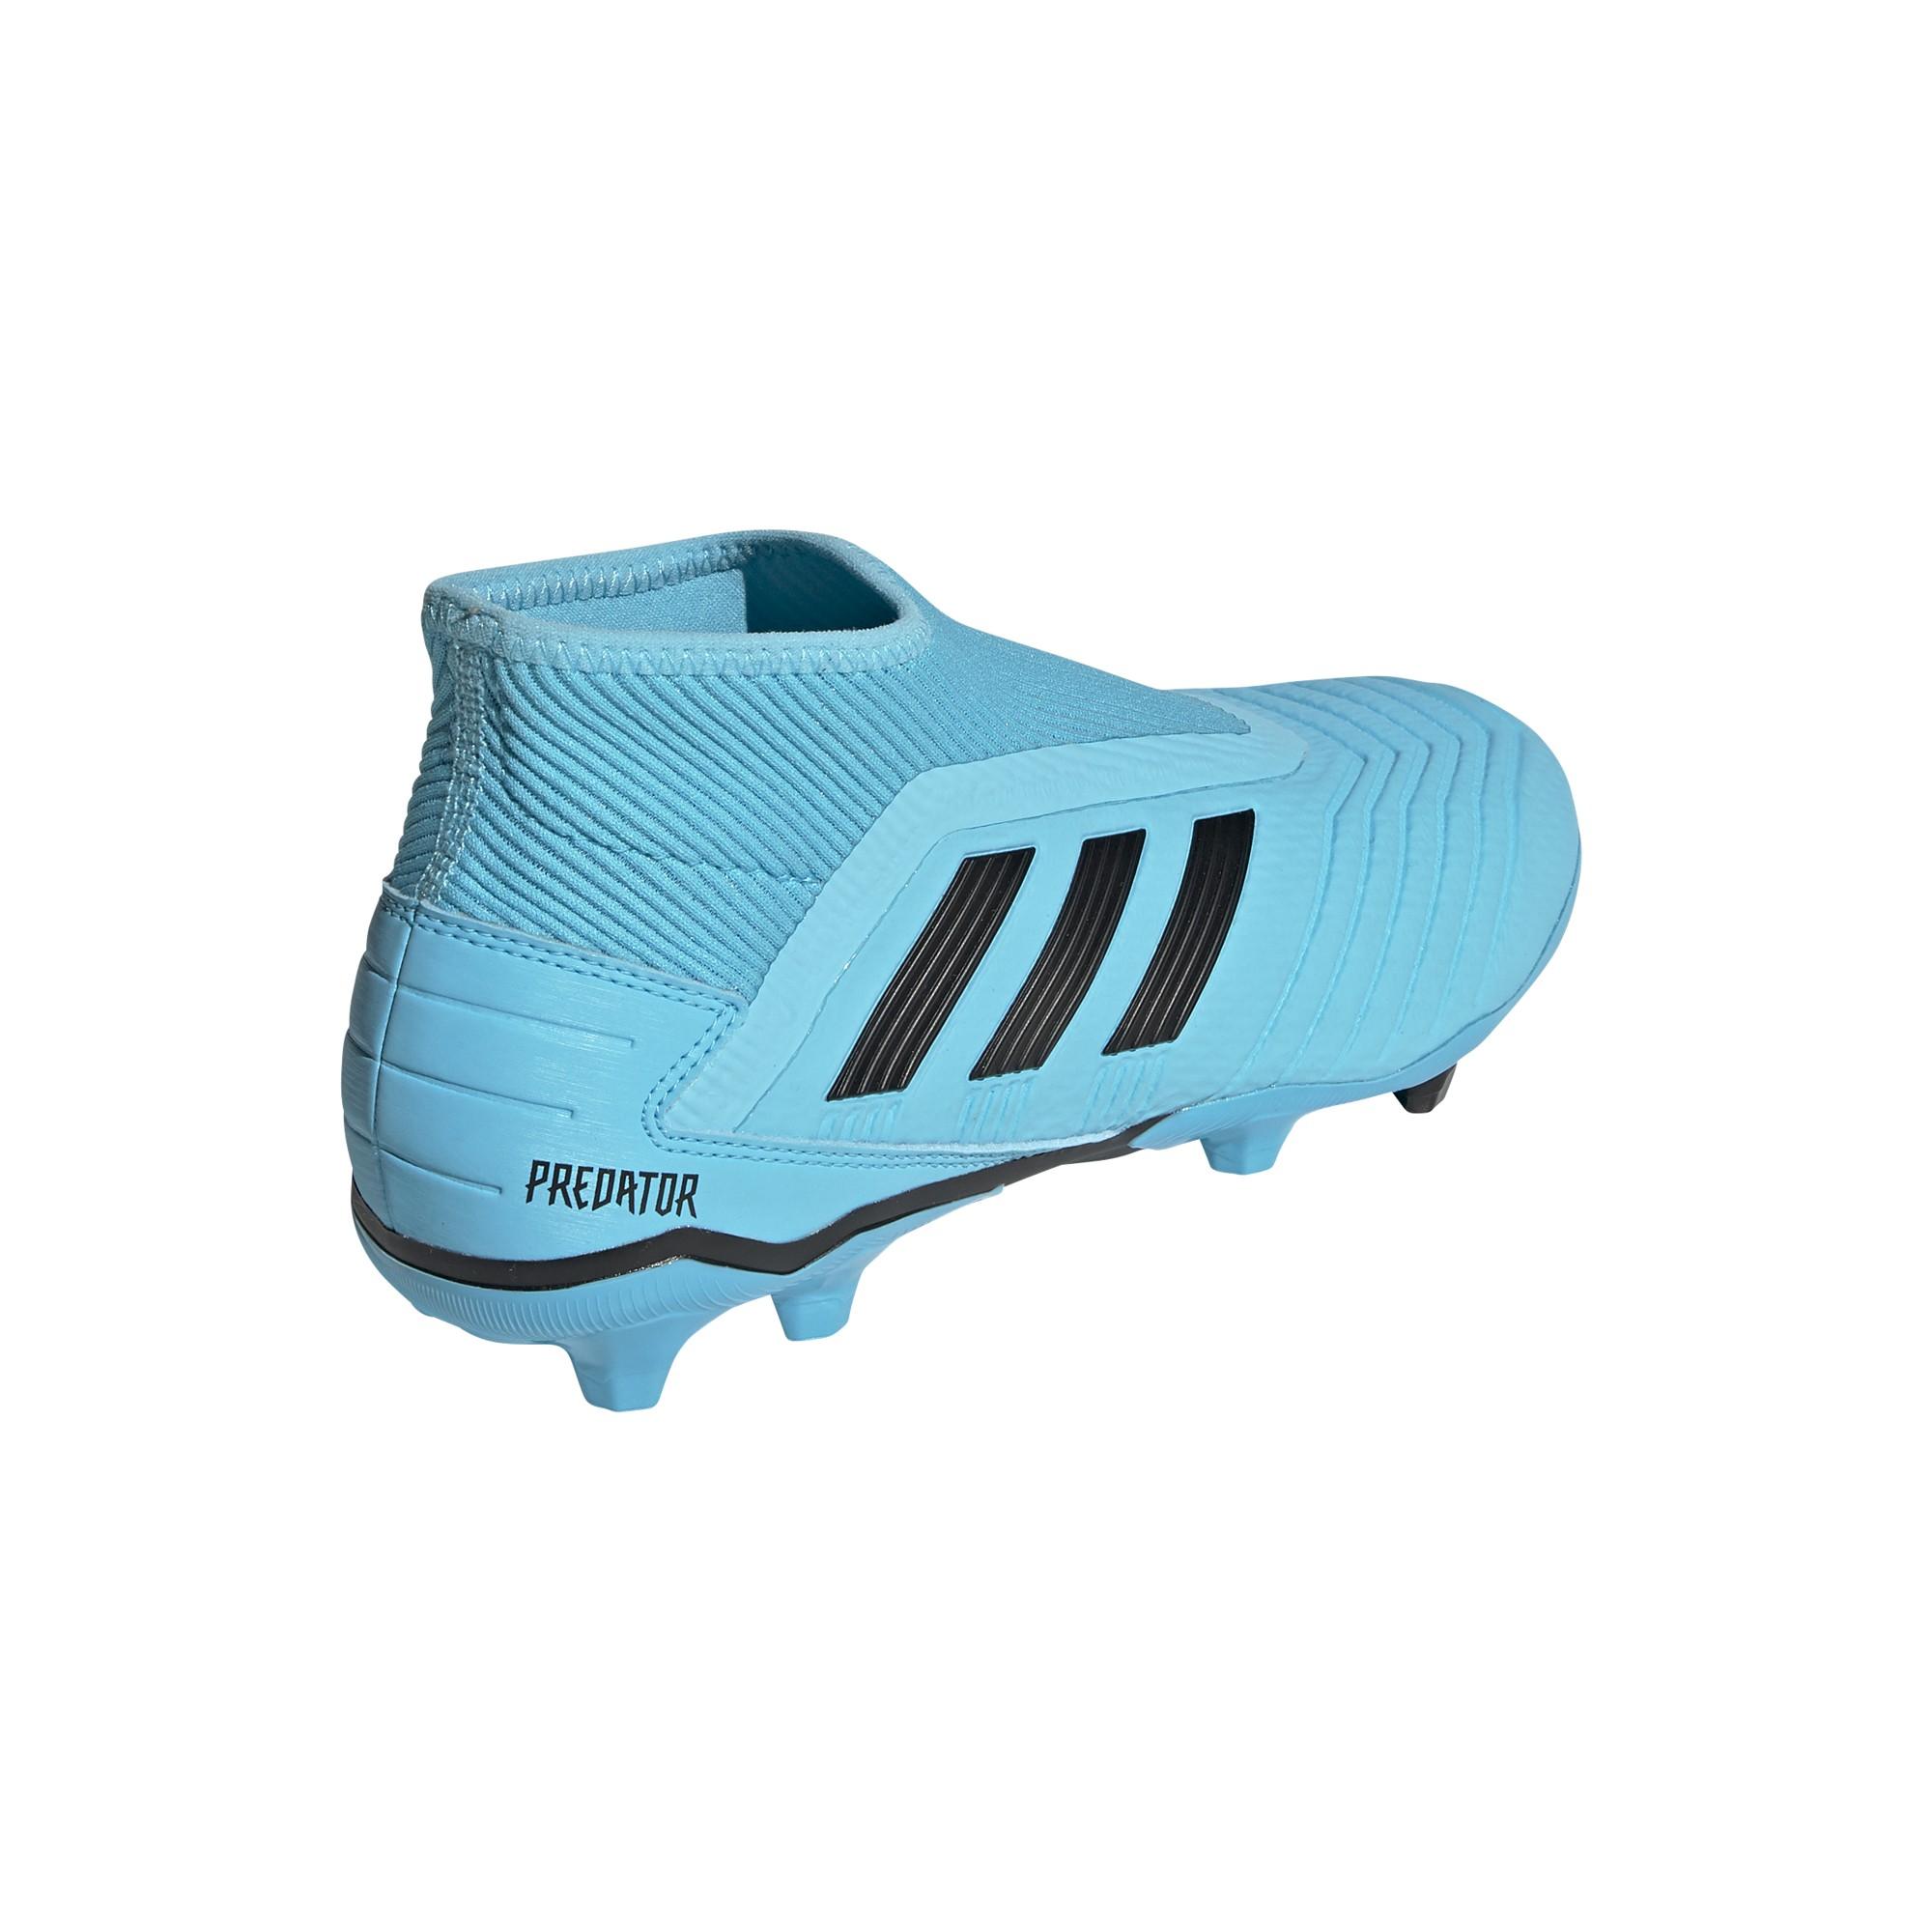 calcio ADIDAS scarpe da calcio predator 19.3 ll fg azzurro nero uom